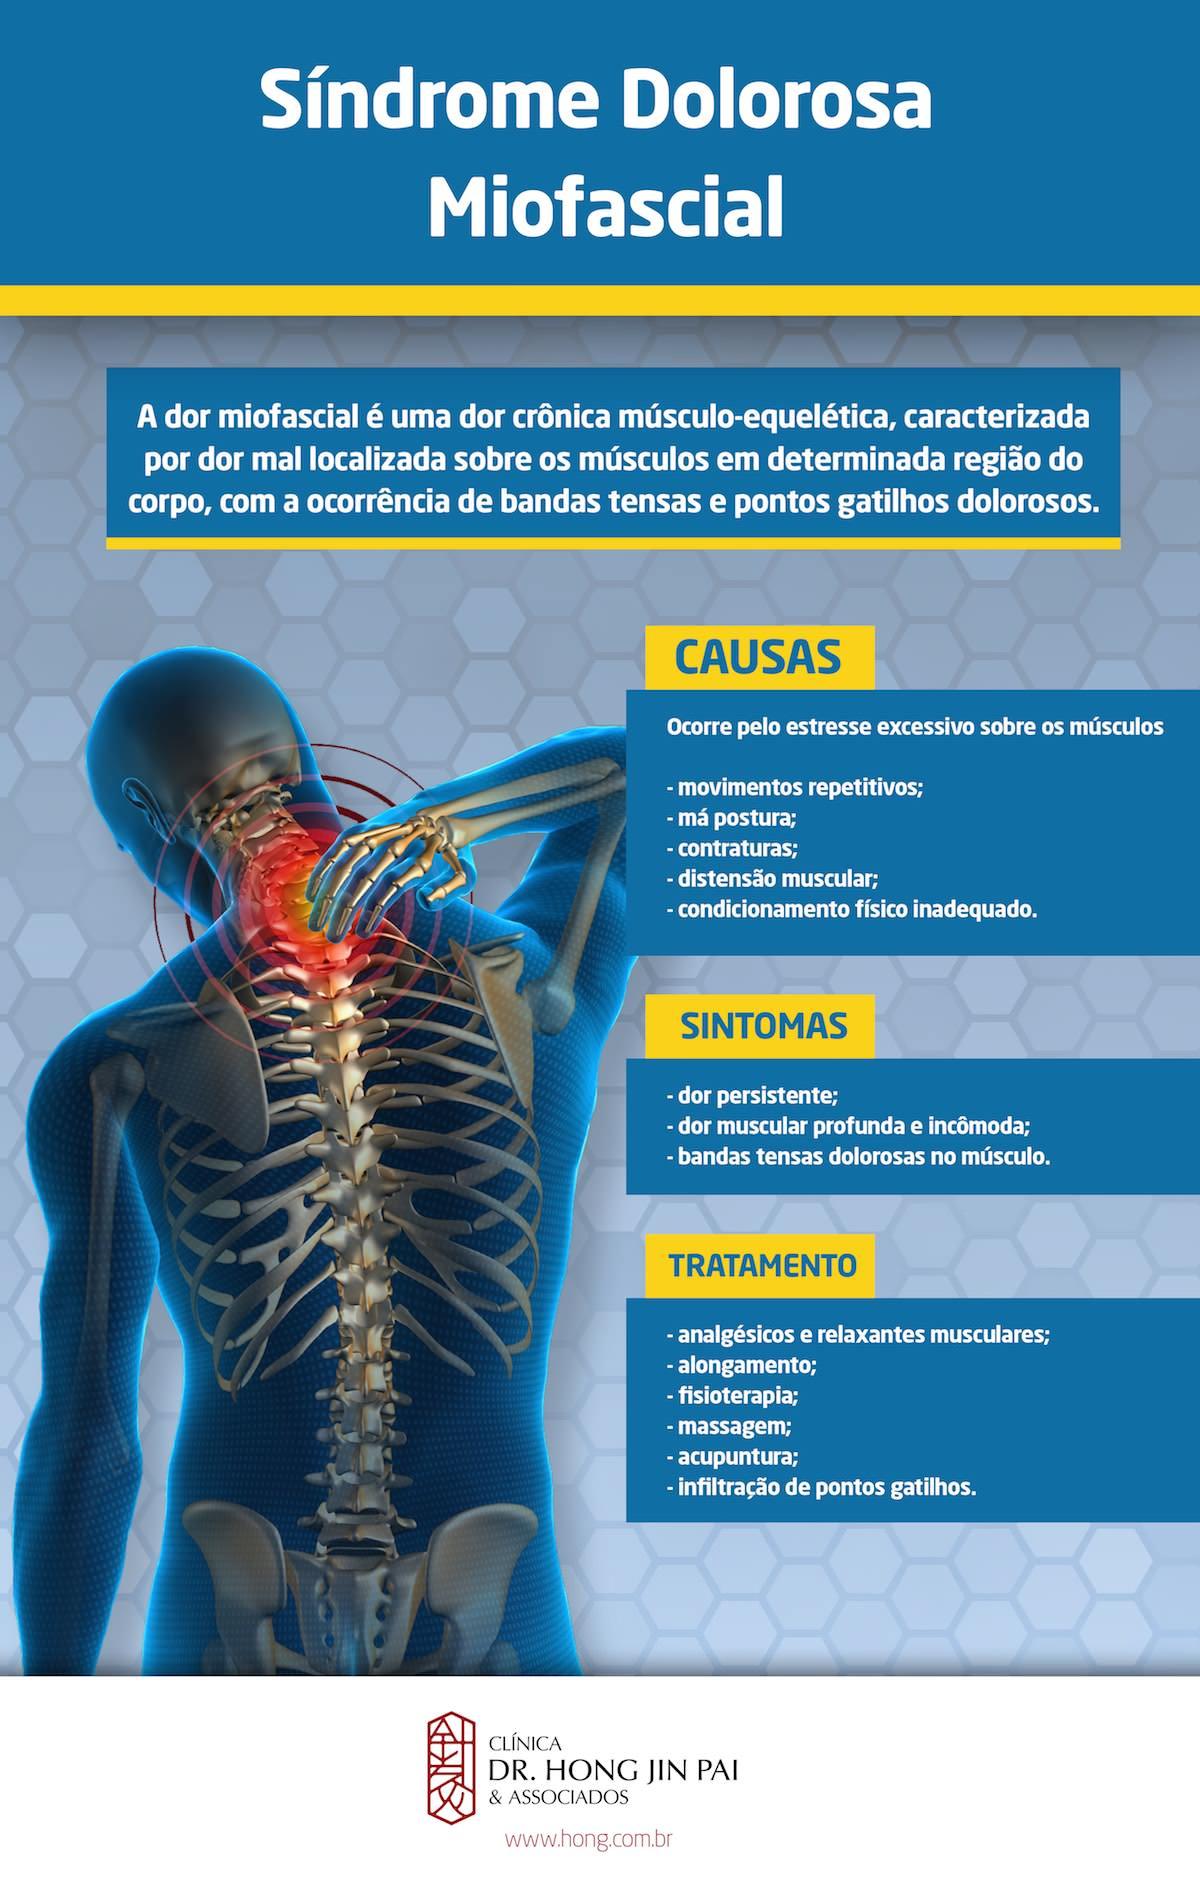 SDM sindrome dolorosa miofascial ou dor miofascial